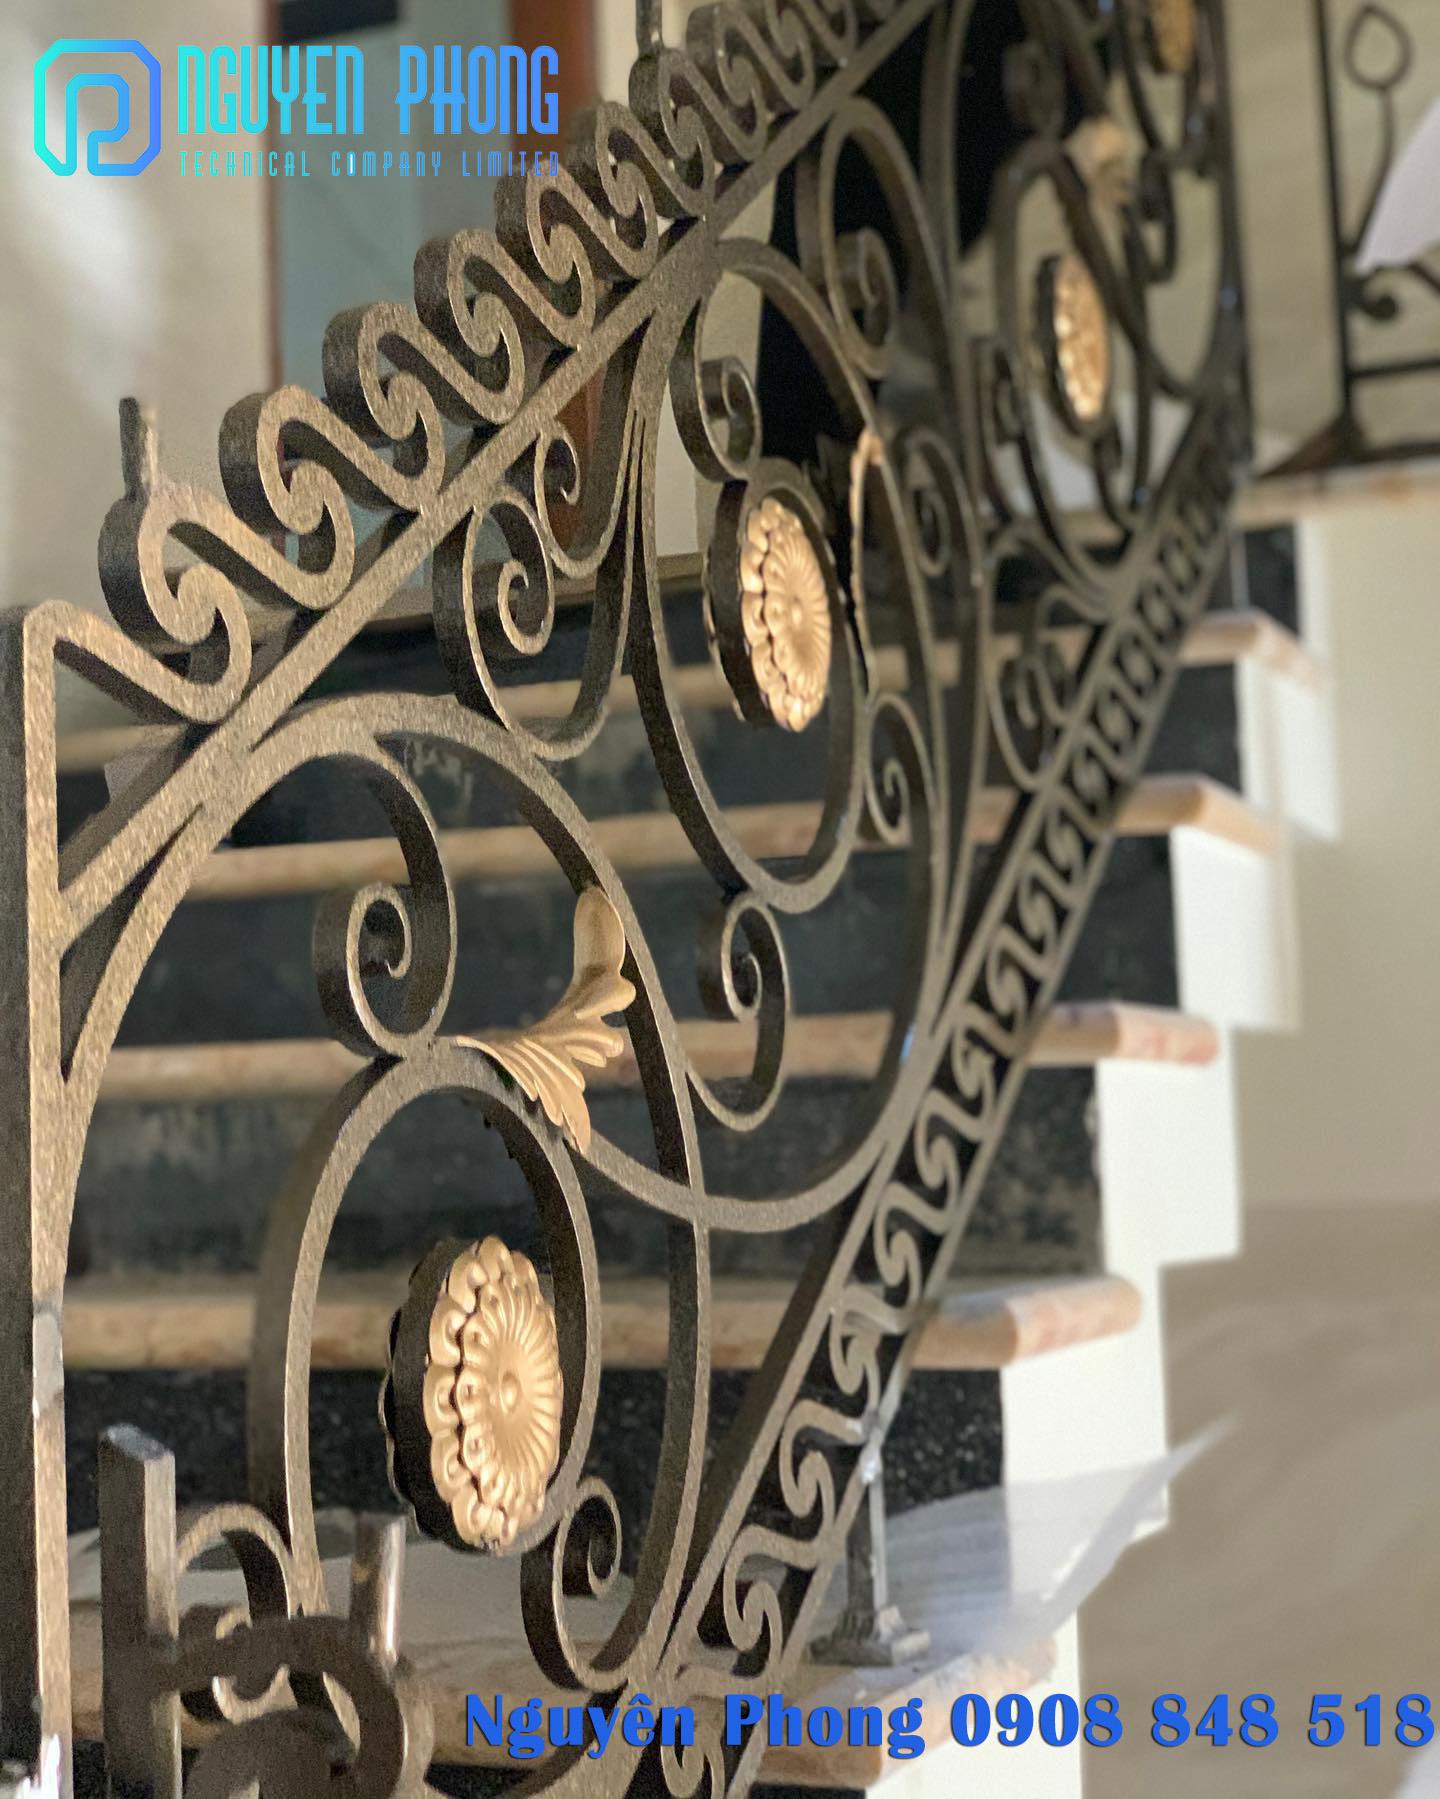 Cầu thang sắt uốn mỹ thuật - đẳng cấp, bền đẹp cho biệt thự, nhà phố